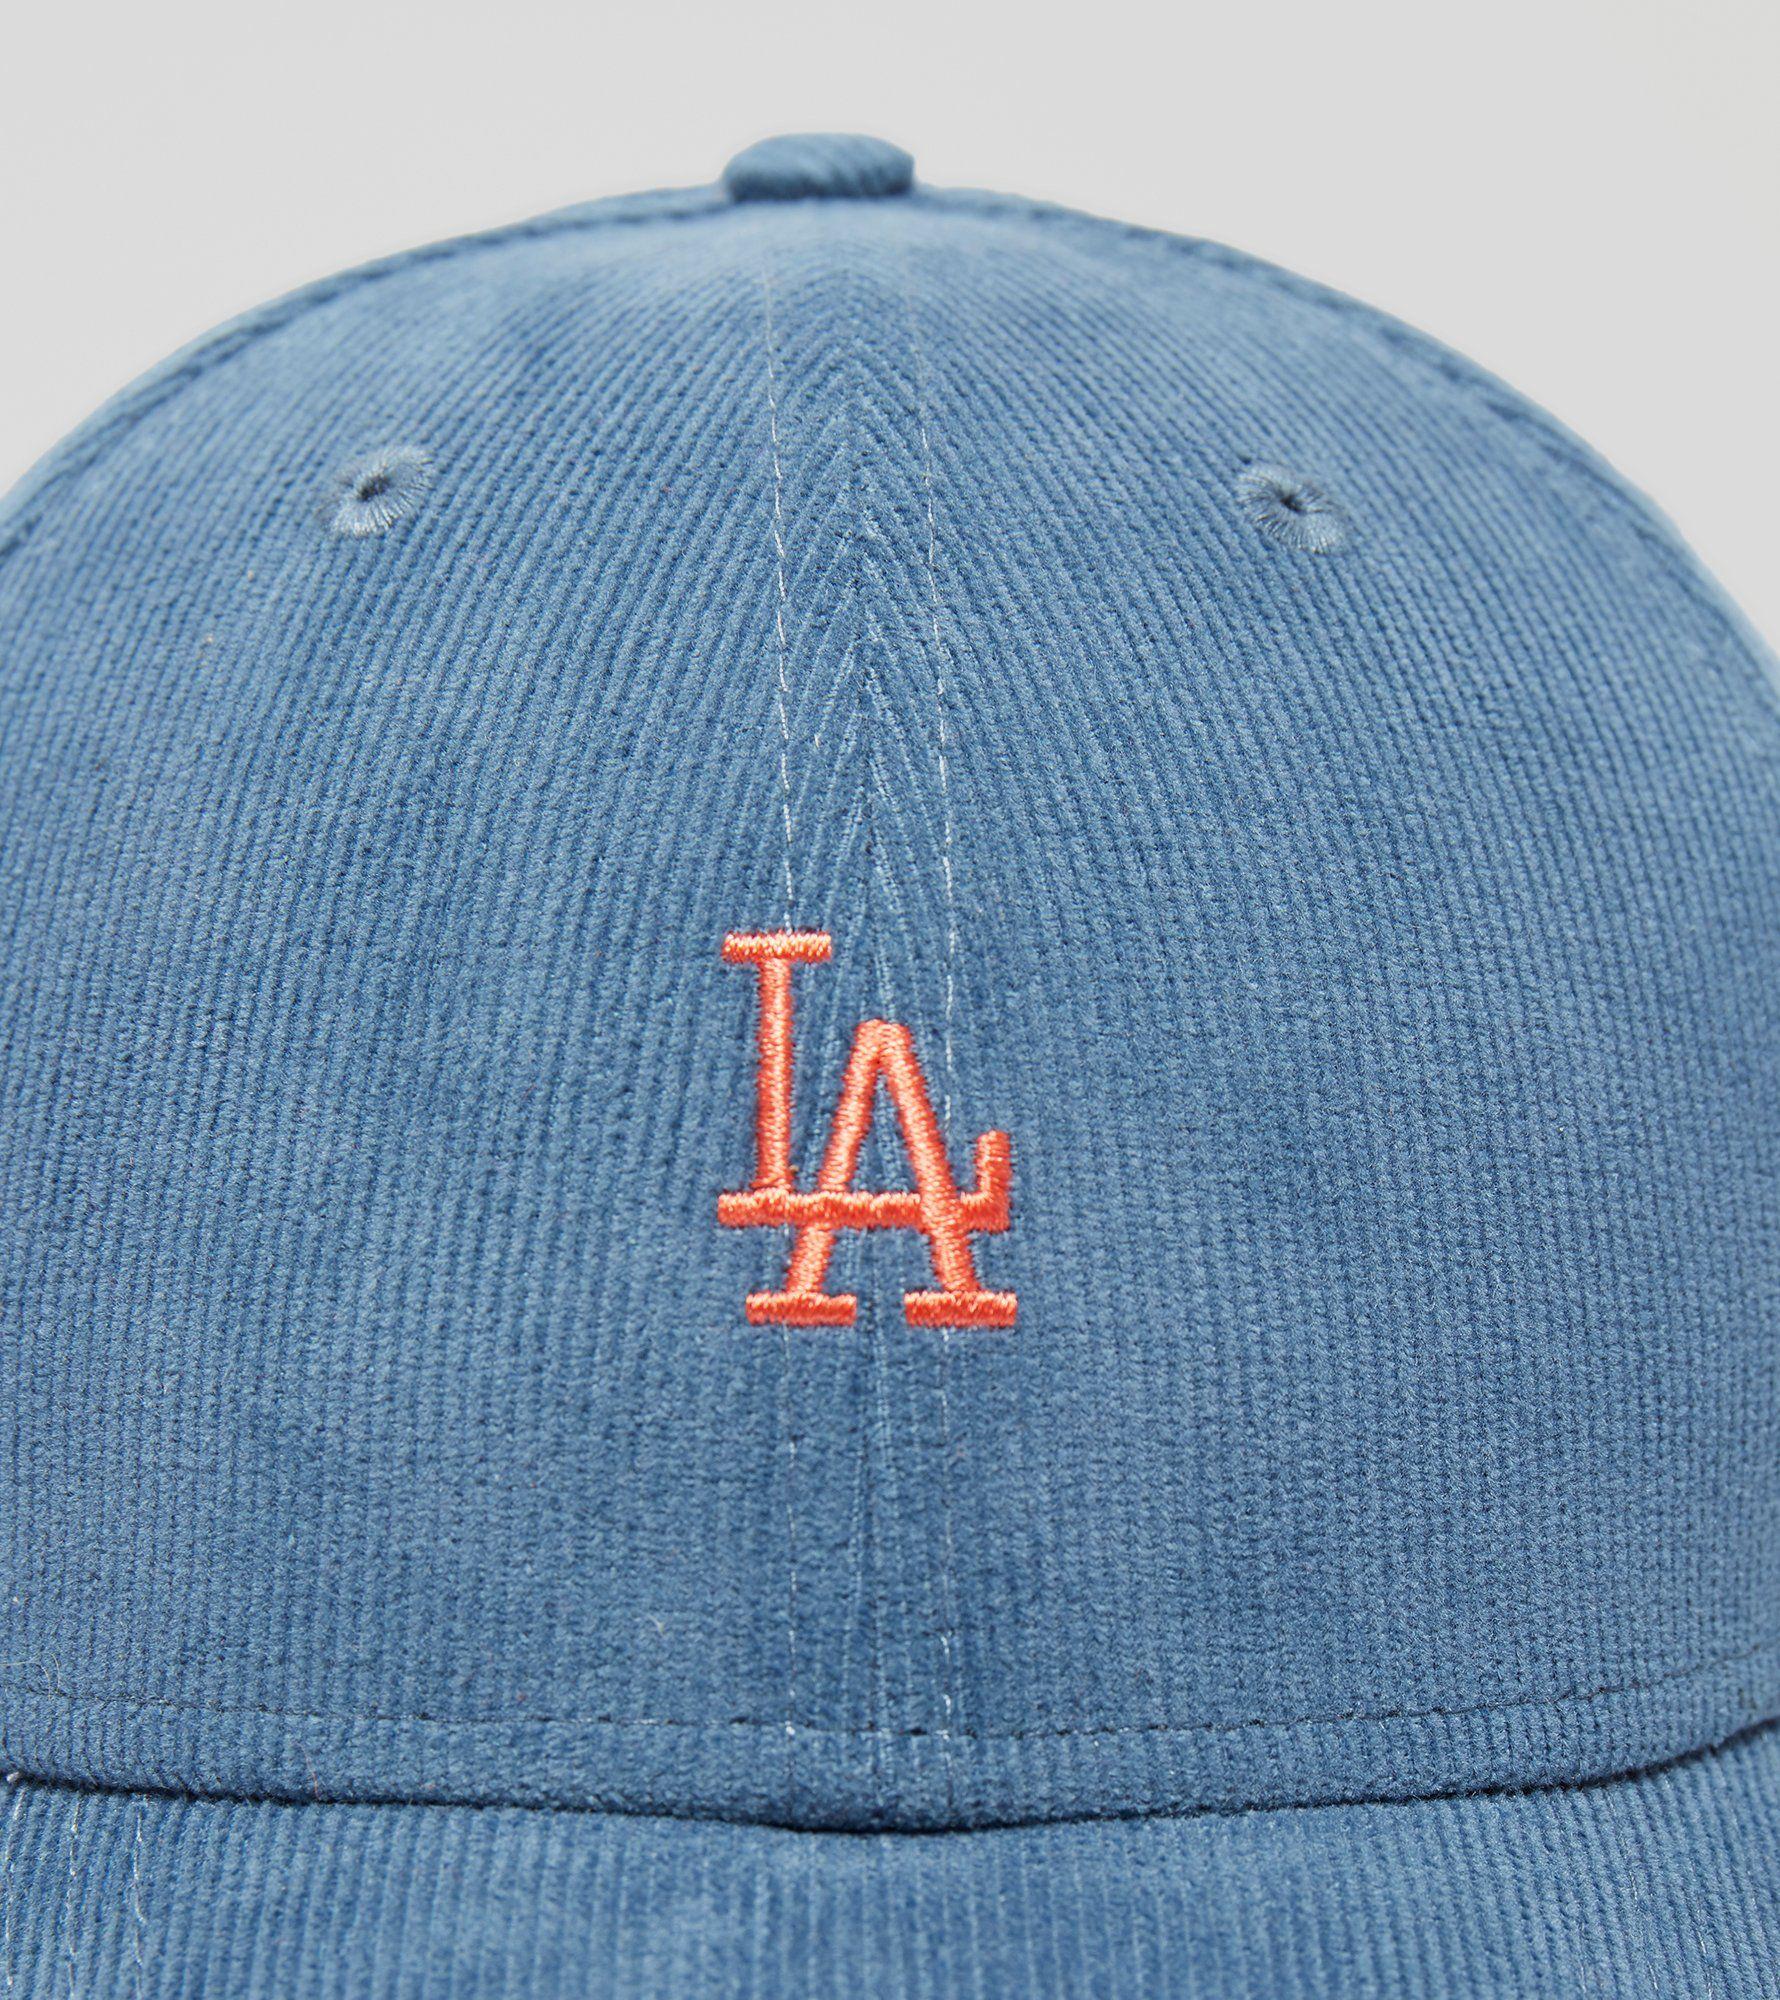 New Era 9FORTY LA Dodgers Cord Cap